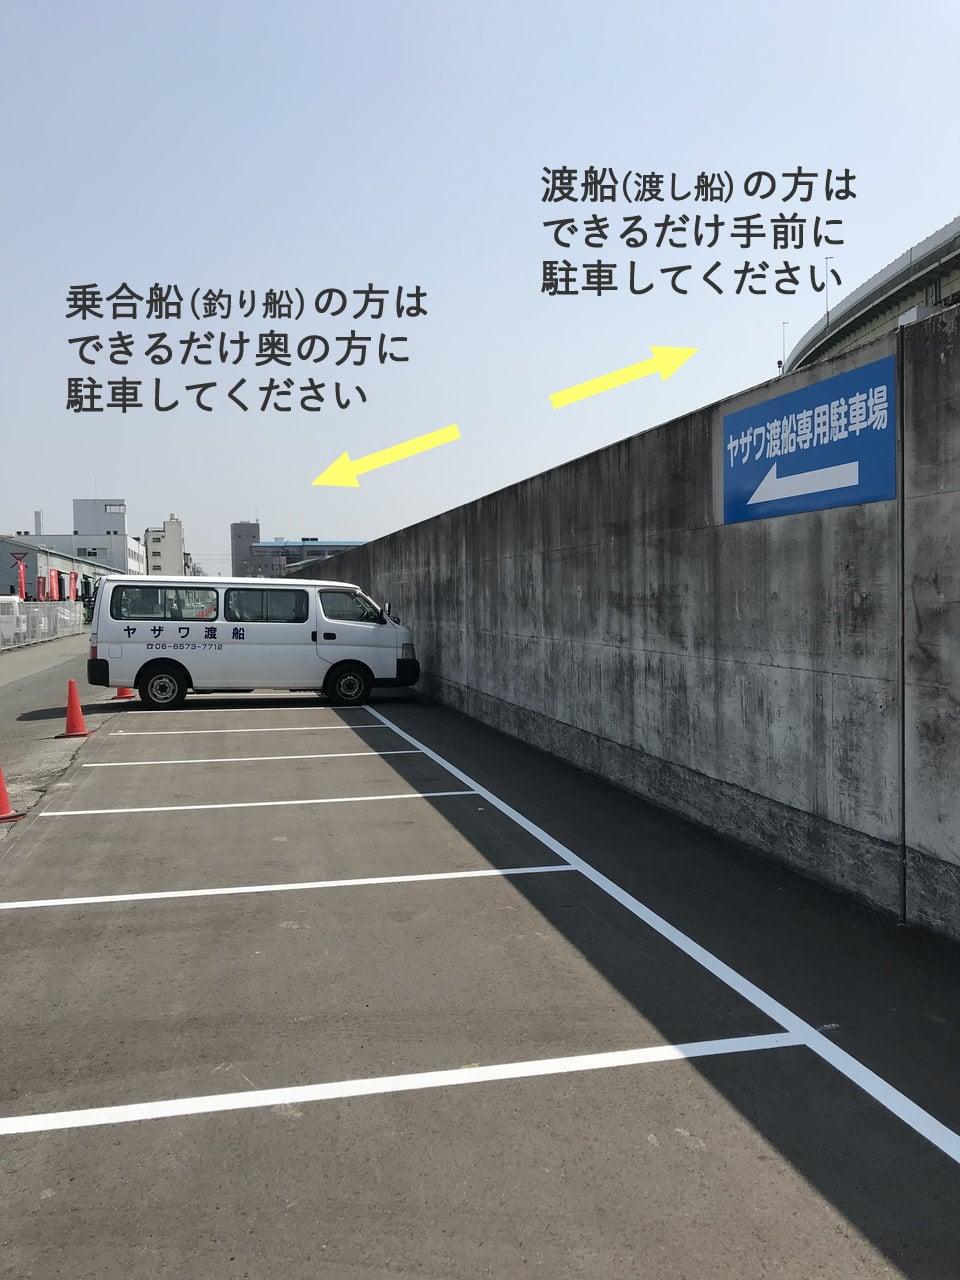 ヤザワ渡船の専用駐車場